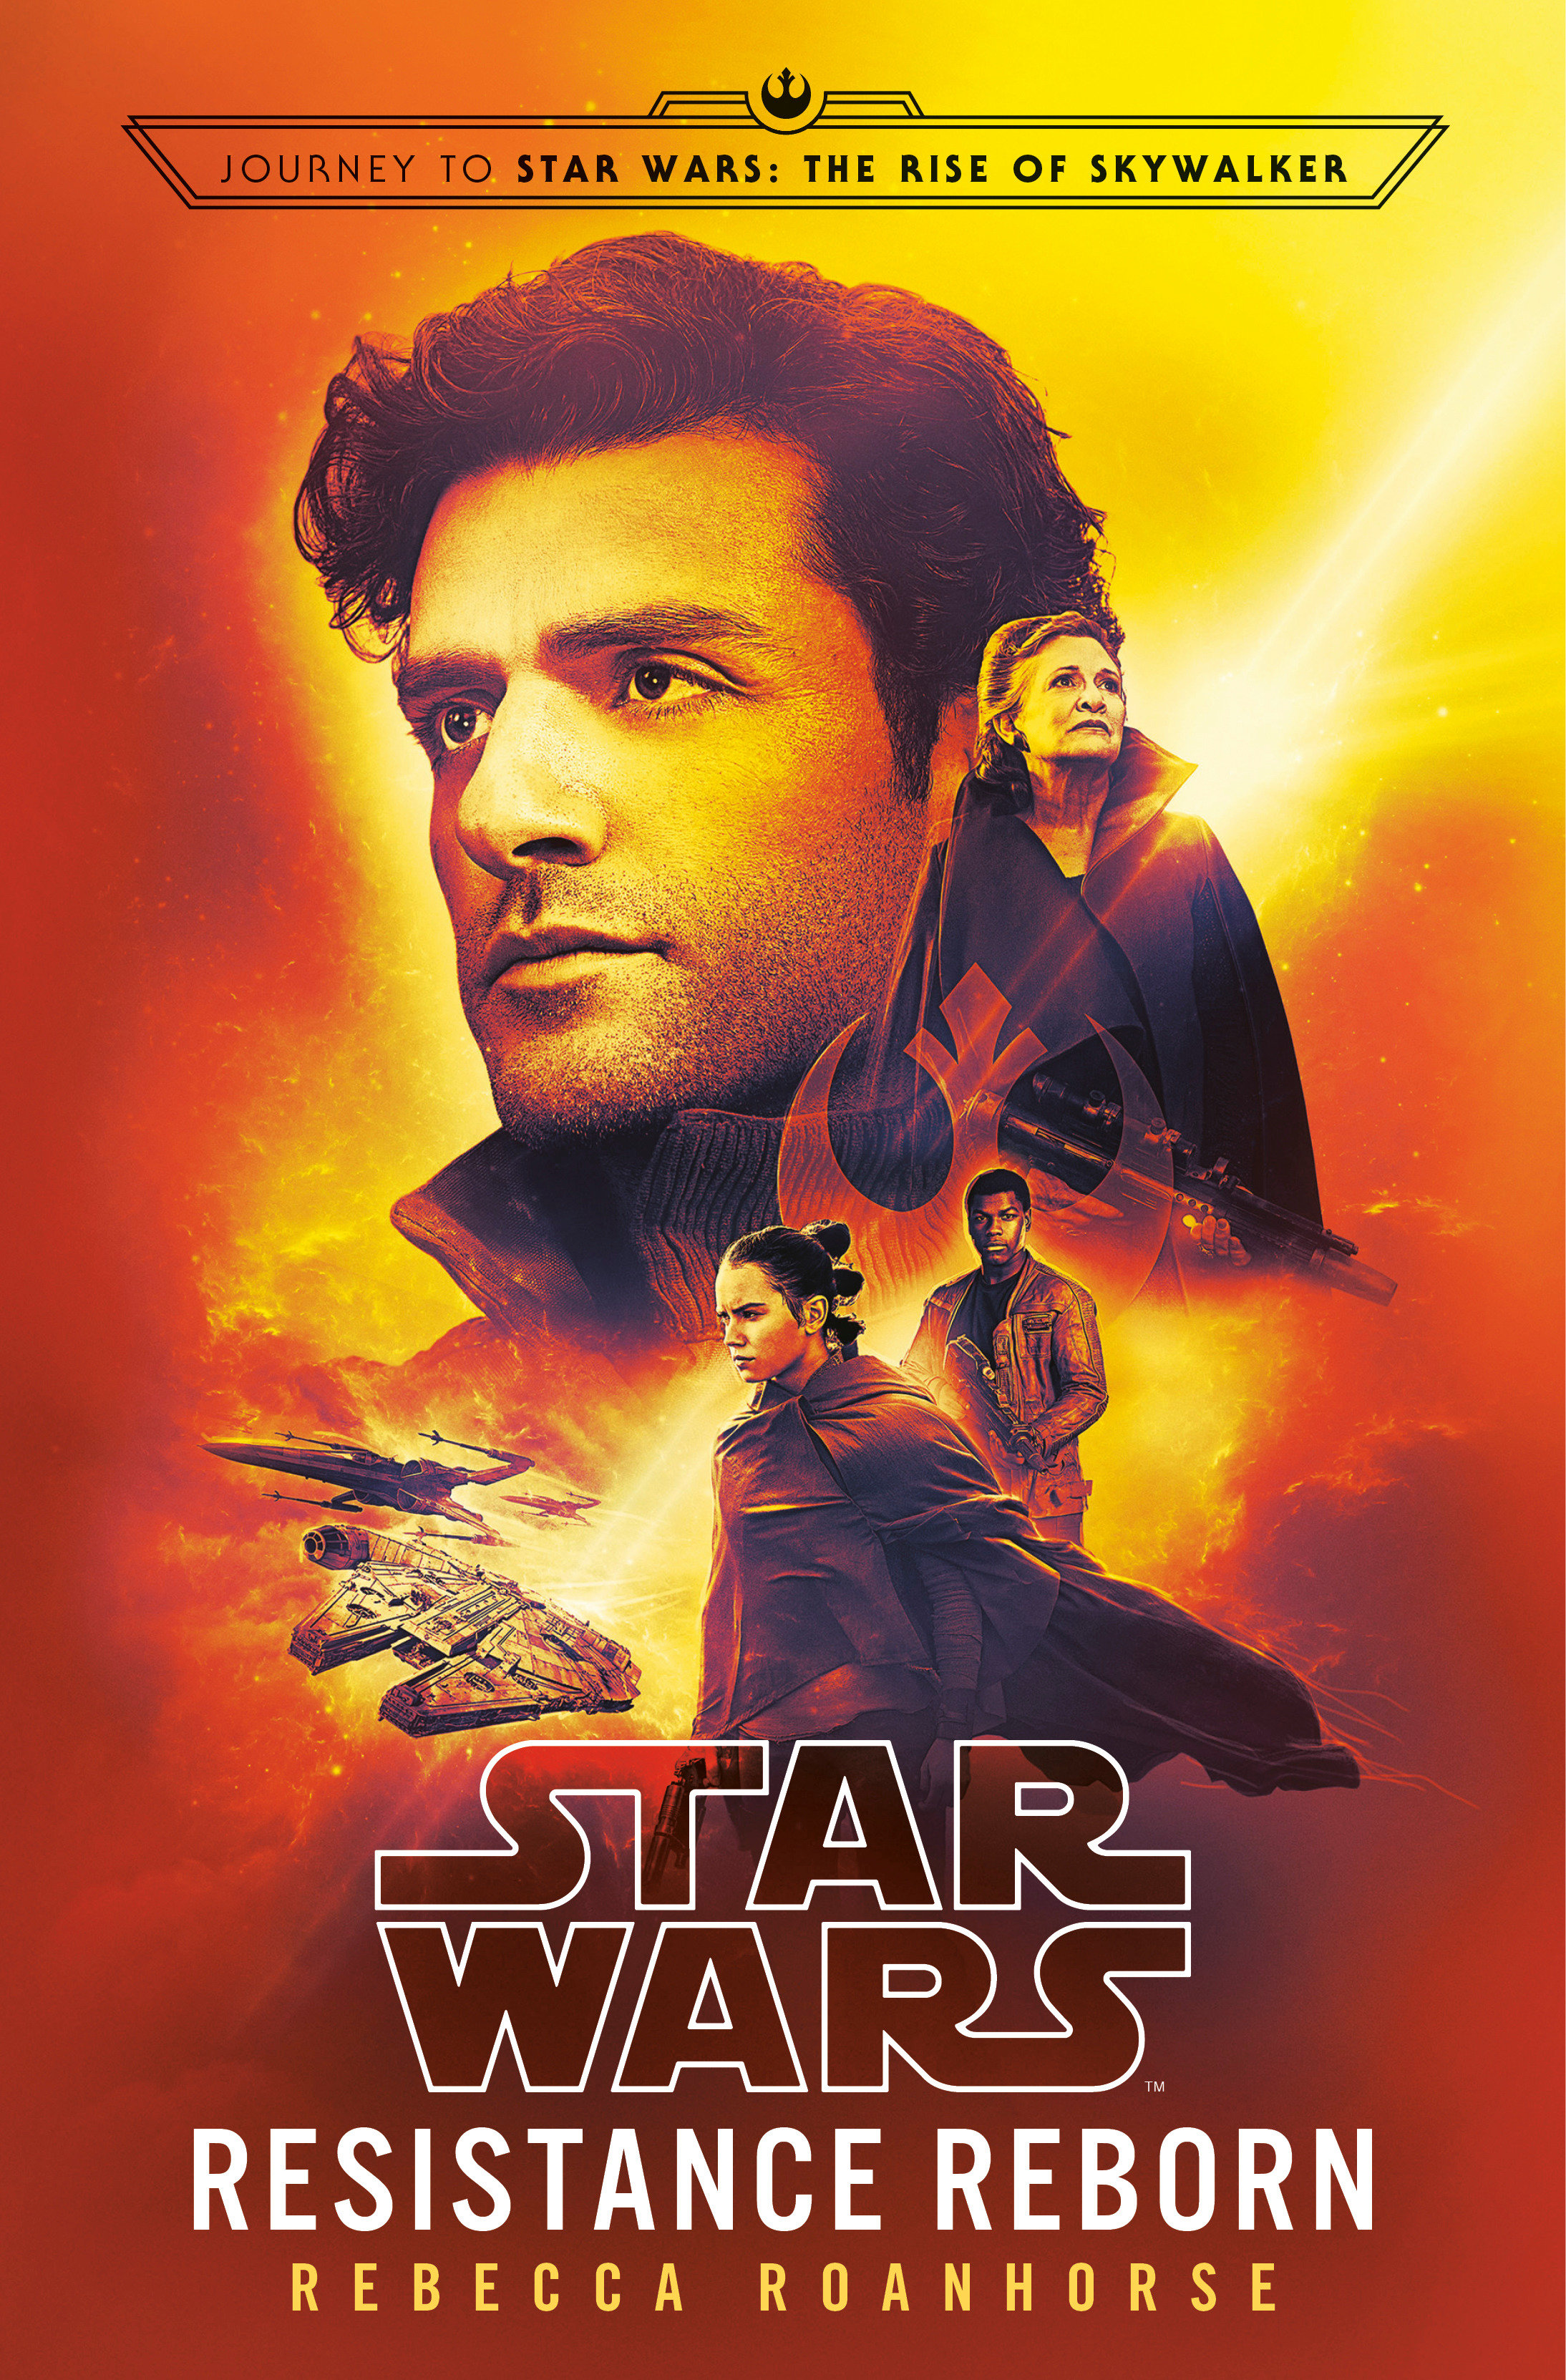 Star Wars: Resistance Reborn sets up the events of Rise of Skywalker